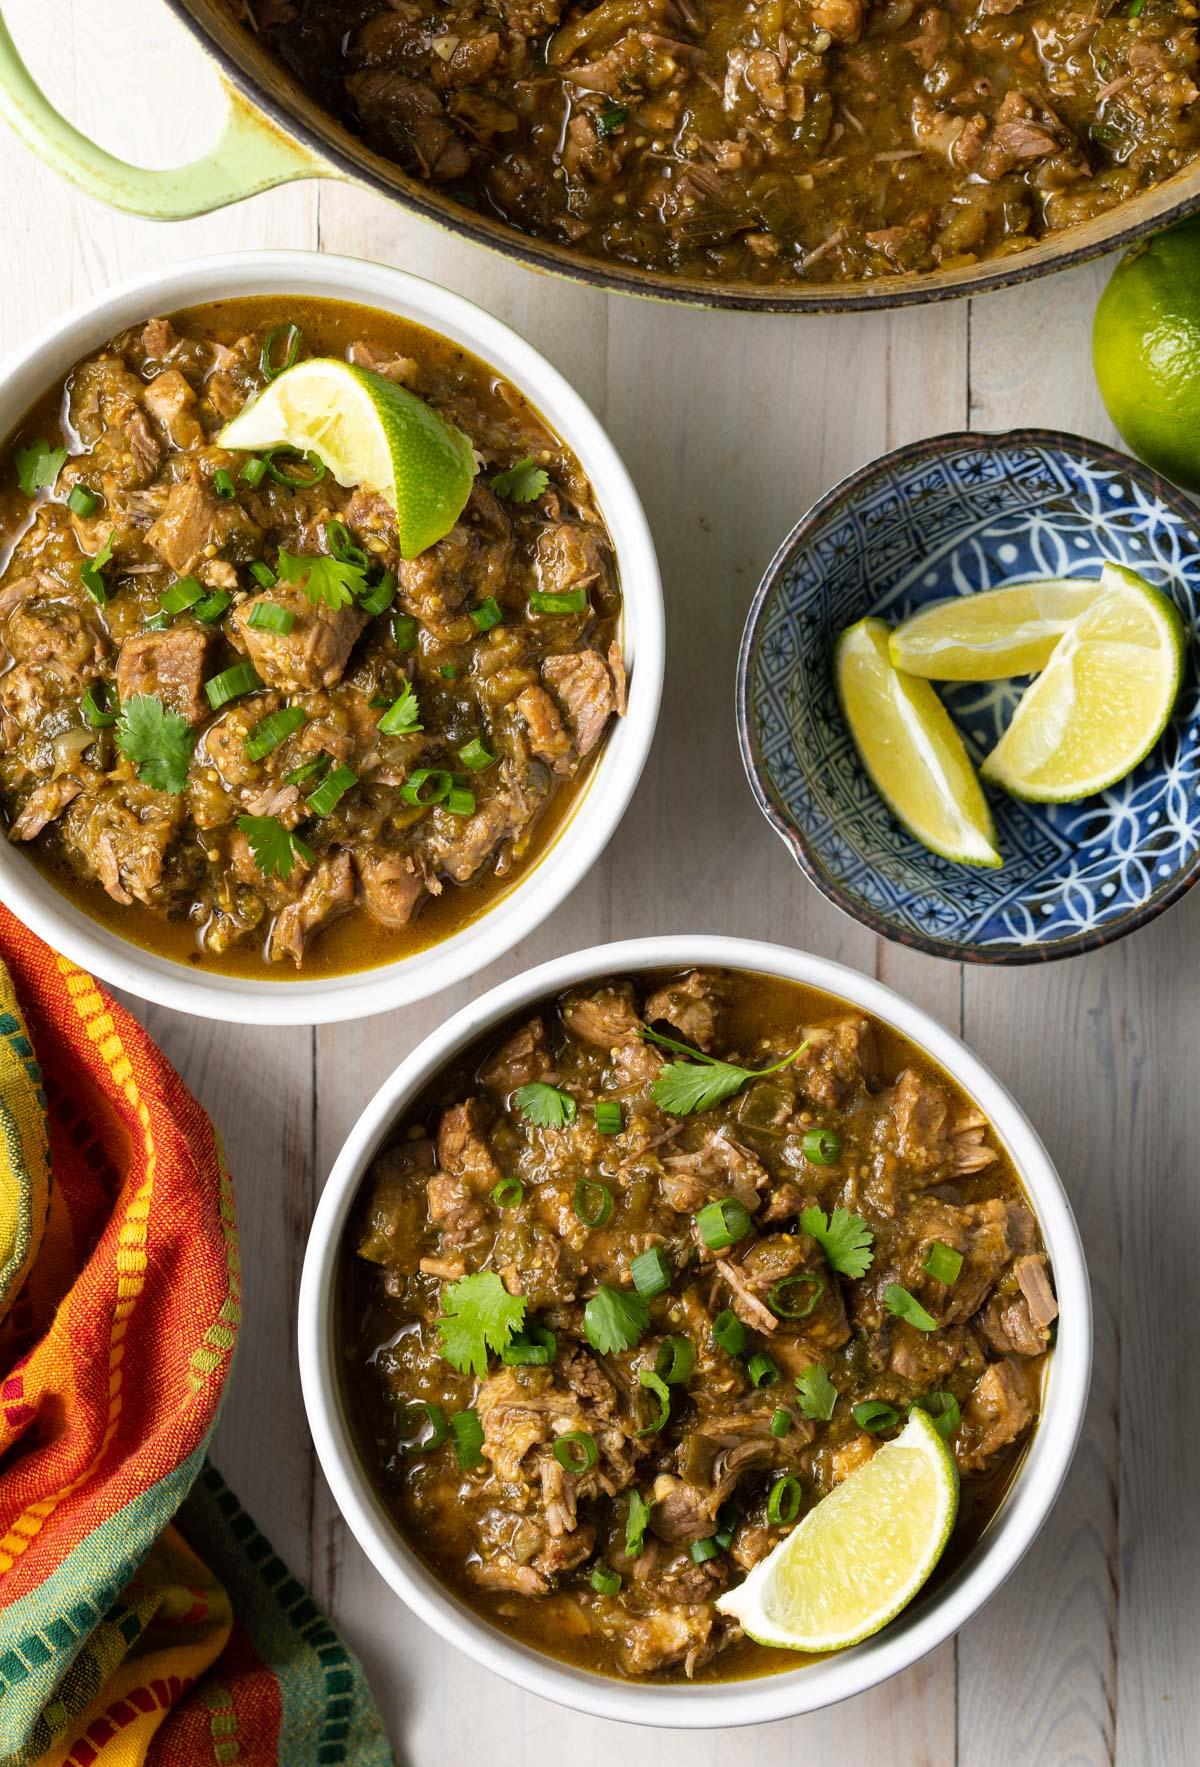 Green Chili Recipe